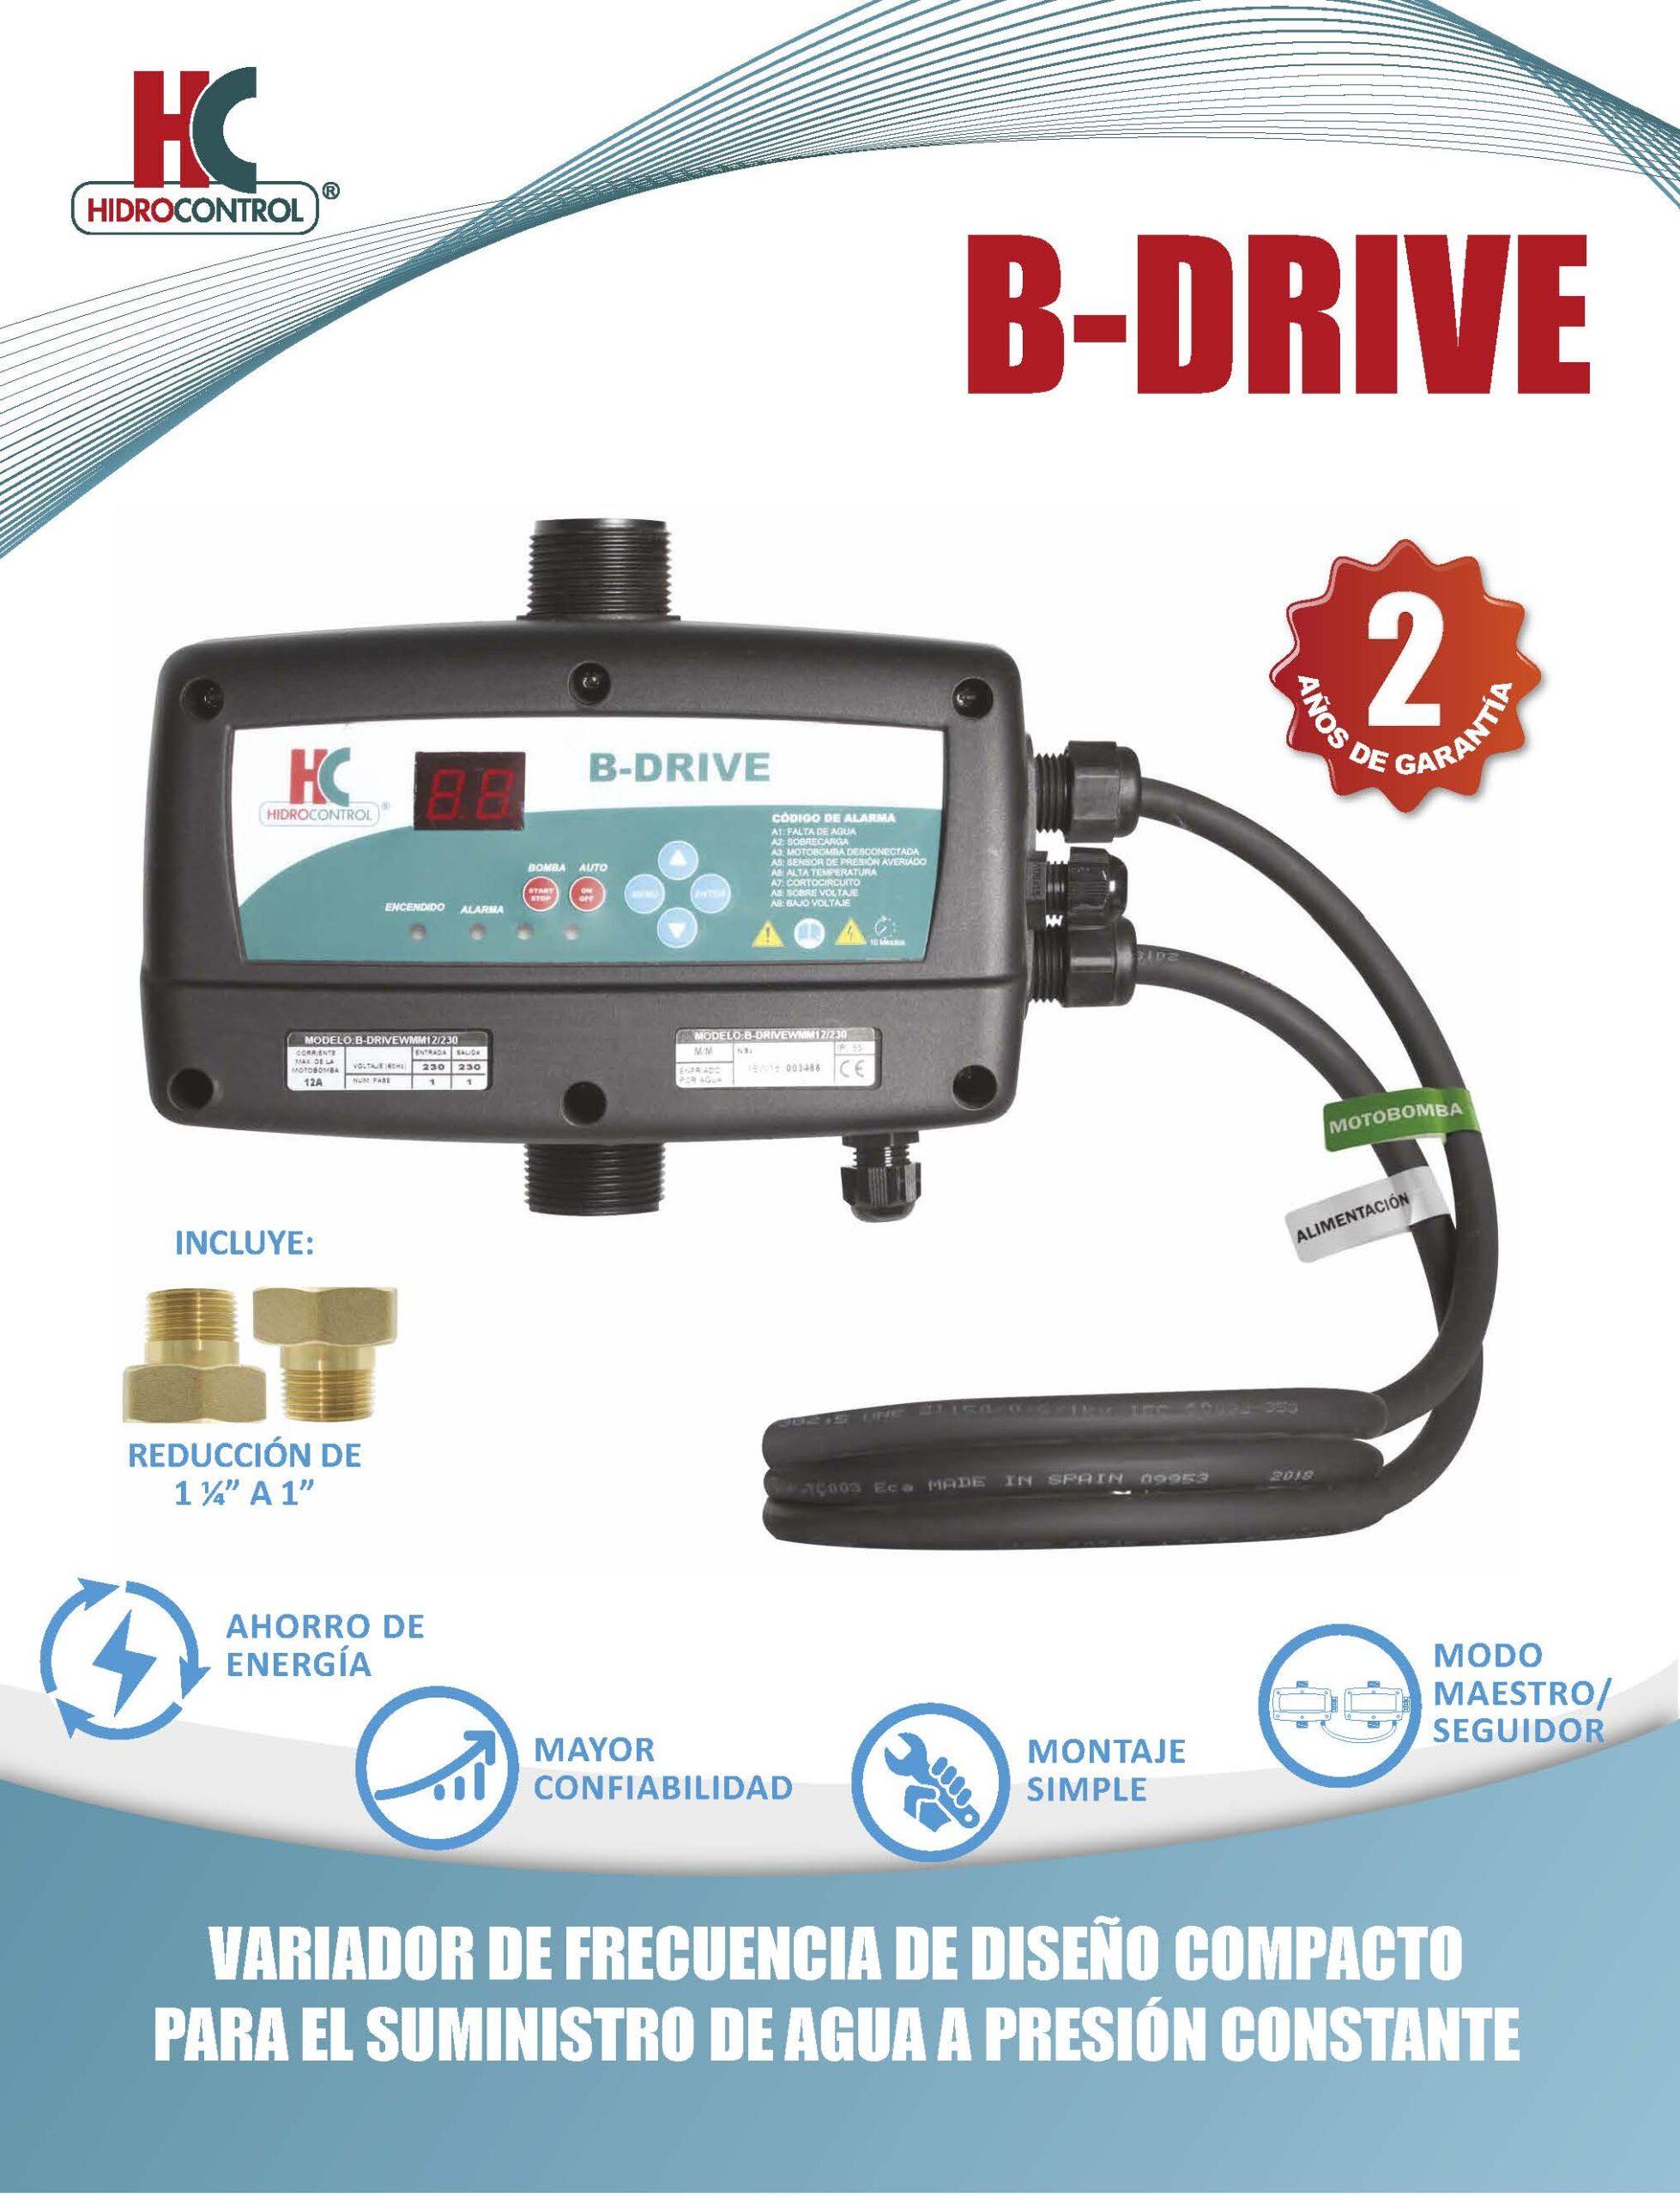 Variadores de velocidad, equipos de control, protección, tanques y accesorios